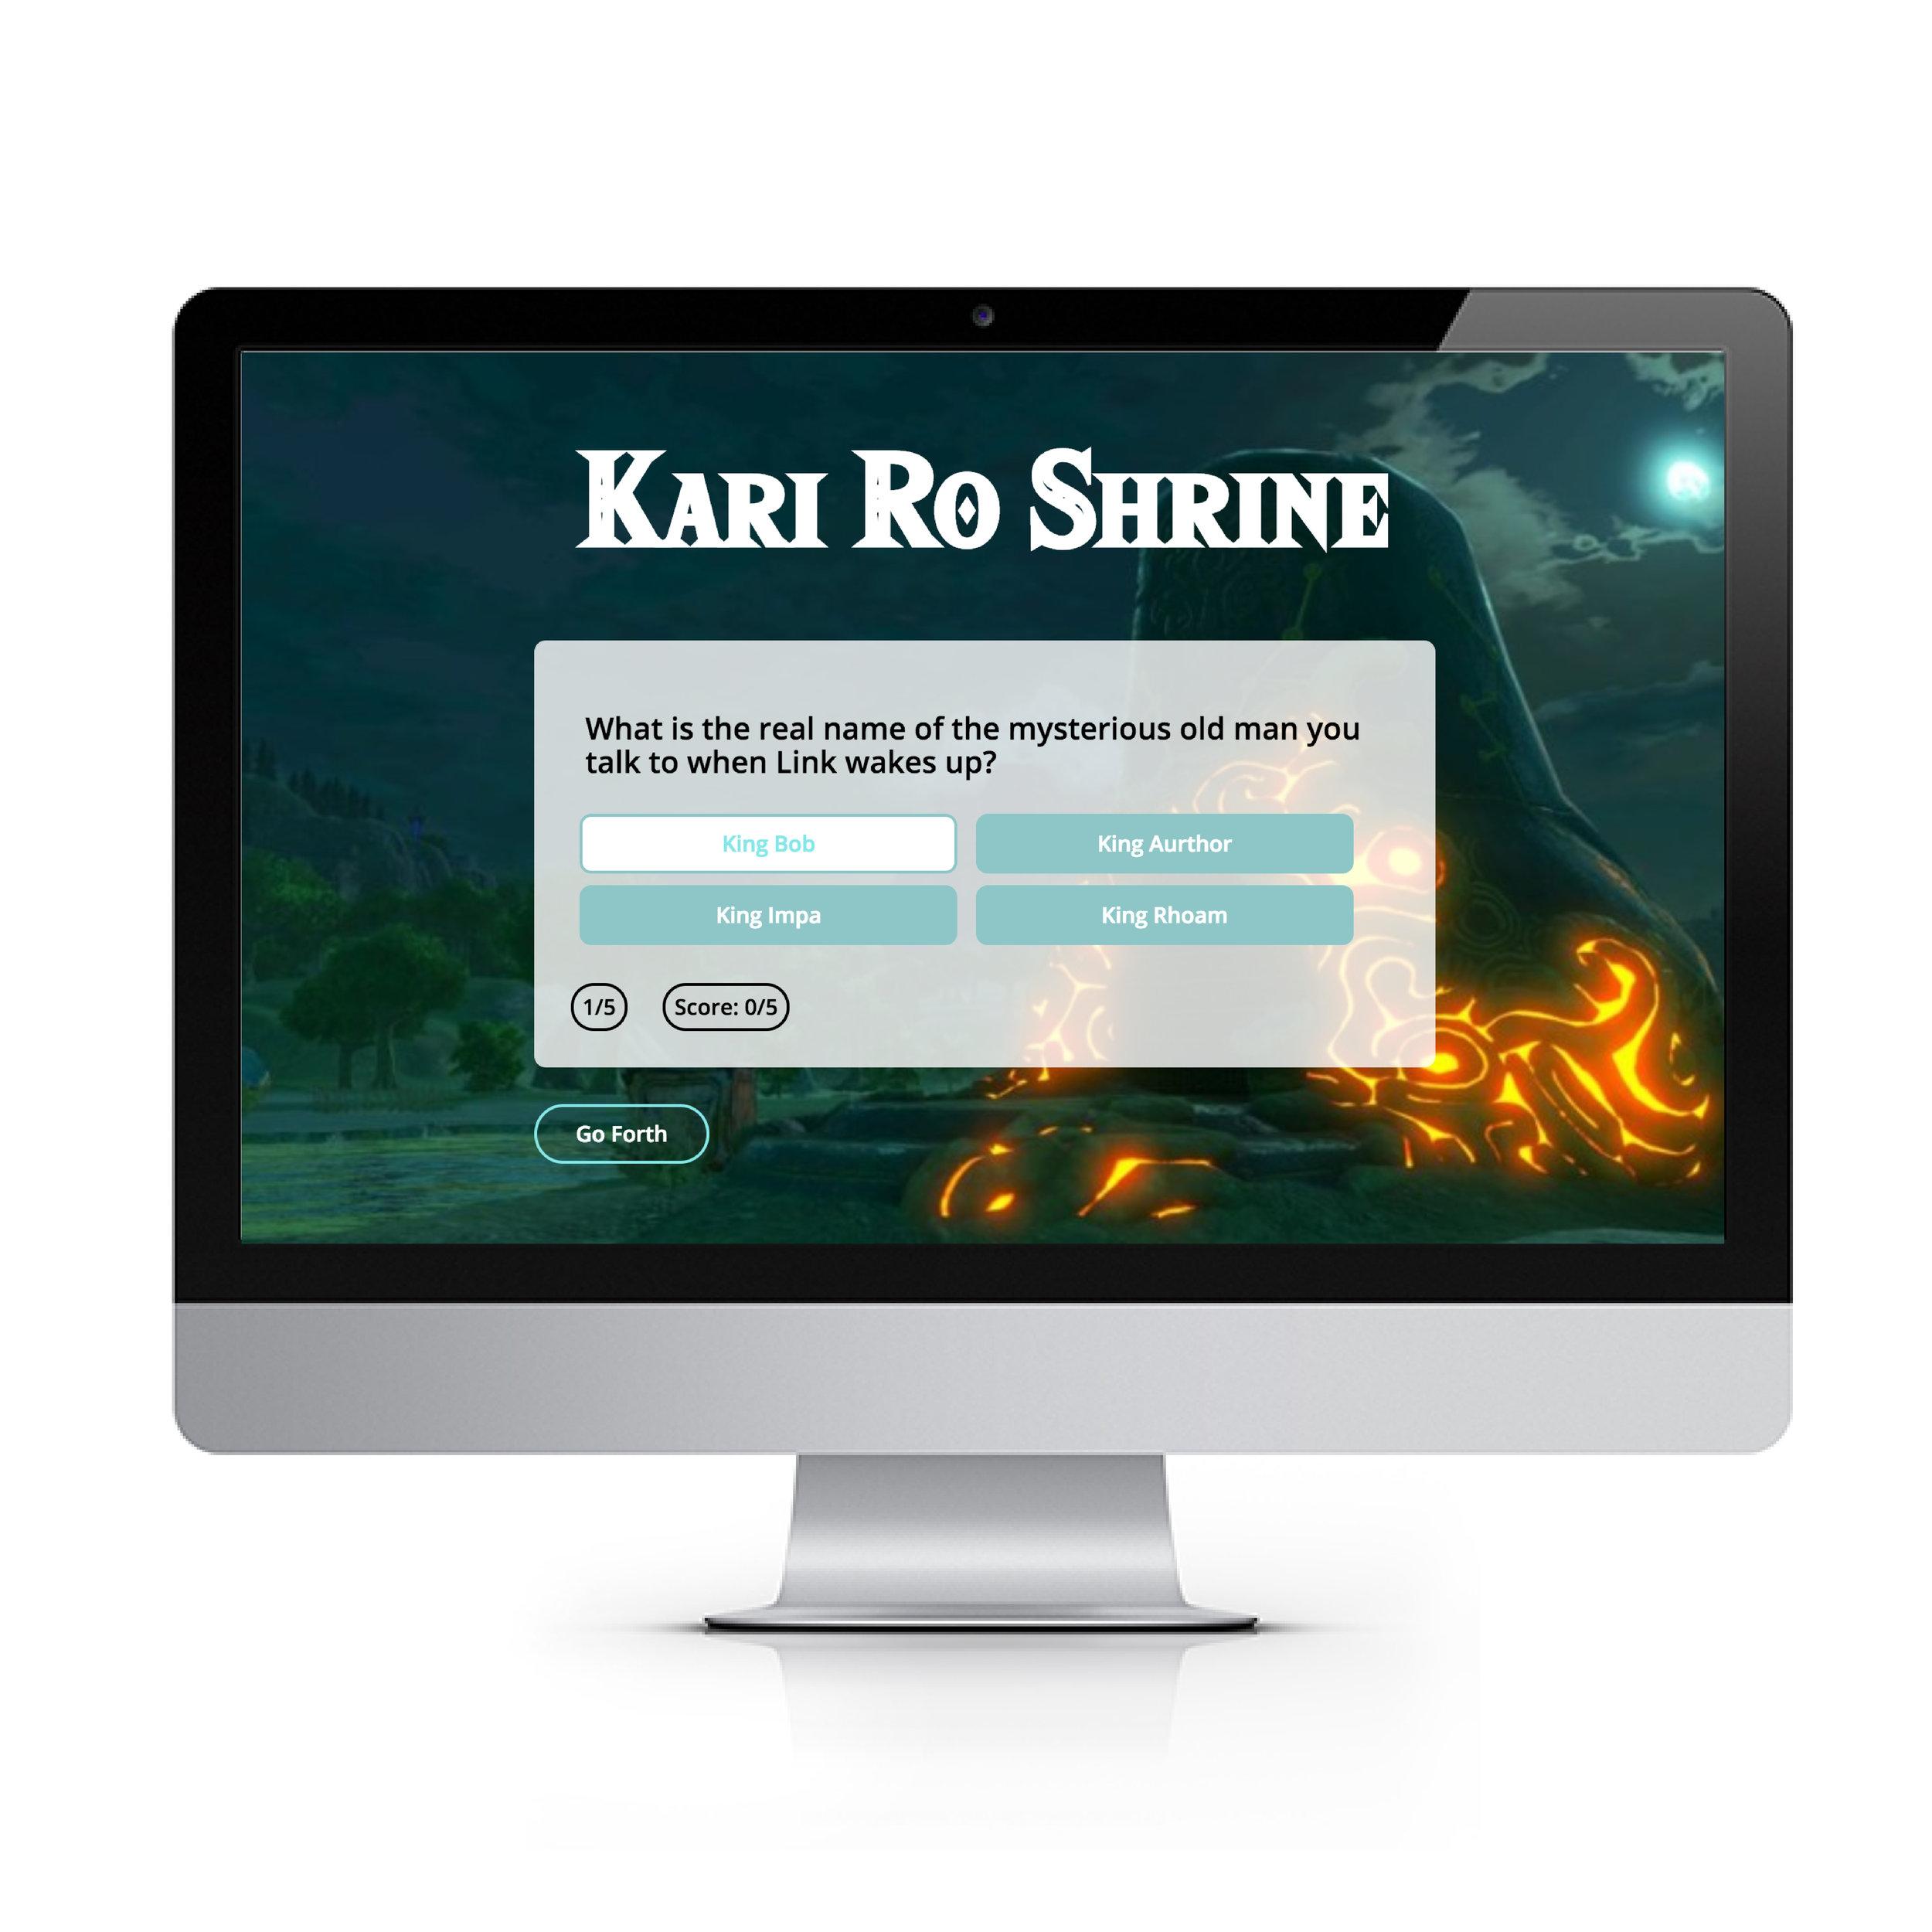 KARIROSHRINEmockup2.jpg